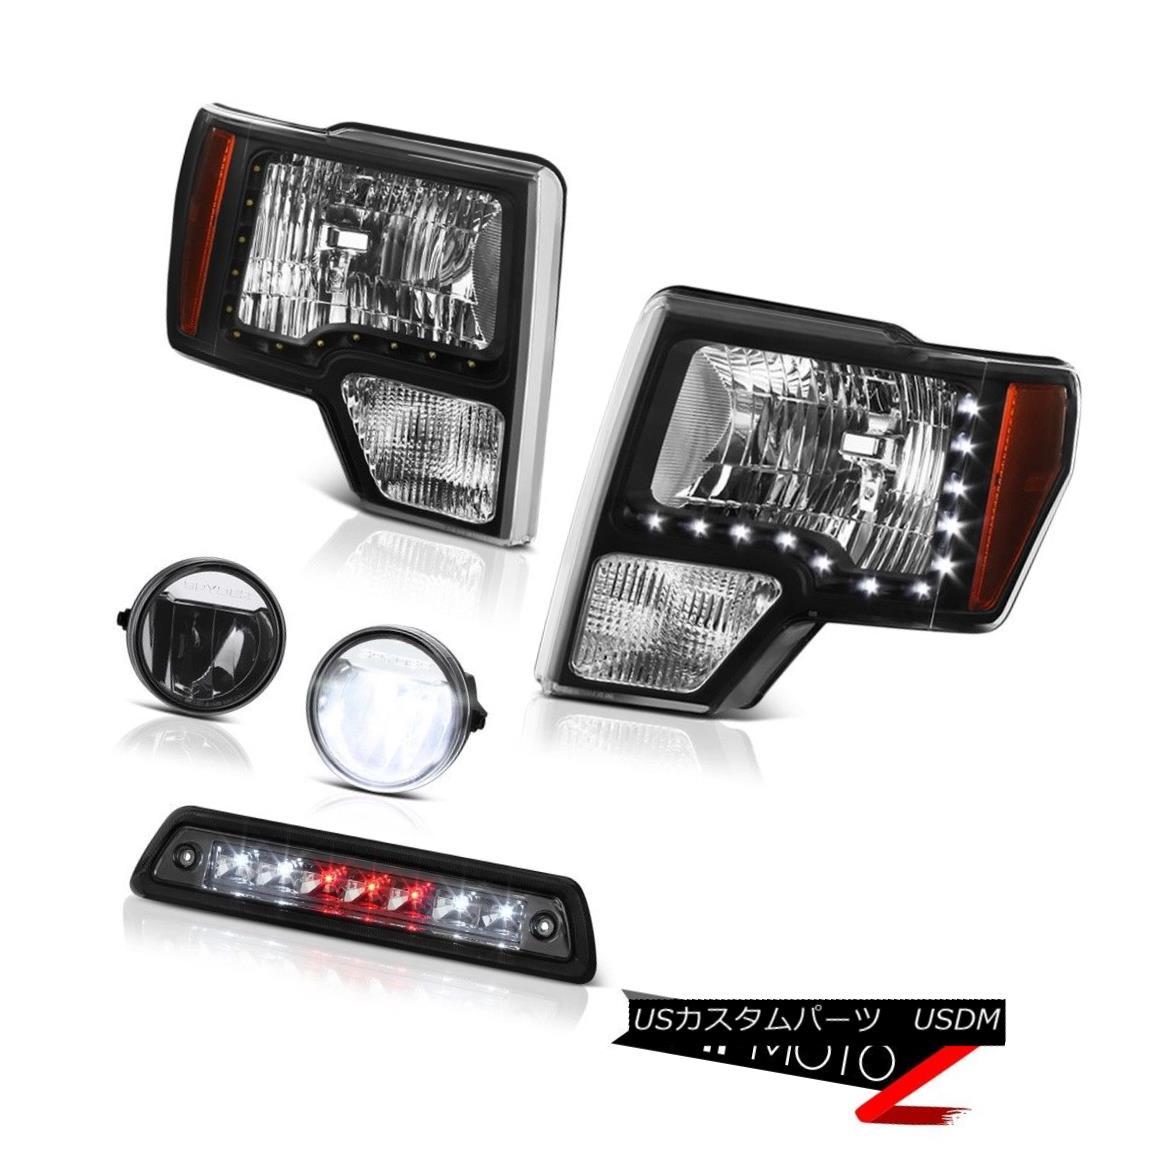 テールライト 09-14 F150 6.2L Third brake lamp fog lamps nighthawk black headlamps led drl SMD 09-14 F150 6.2L第3ブレーキランプフォグランプナイトホークブラックヘッドランプled drl SMD